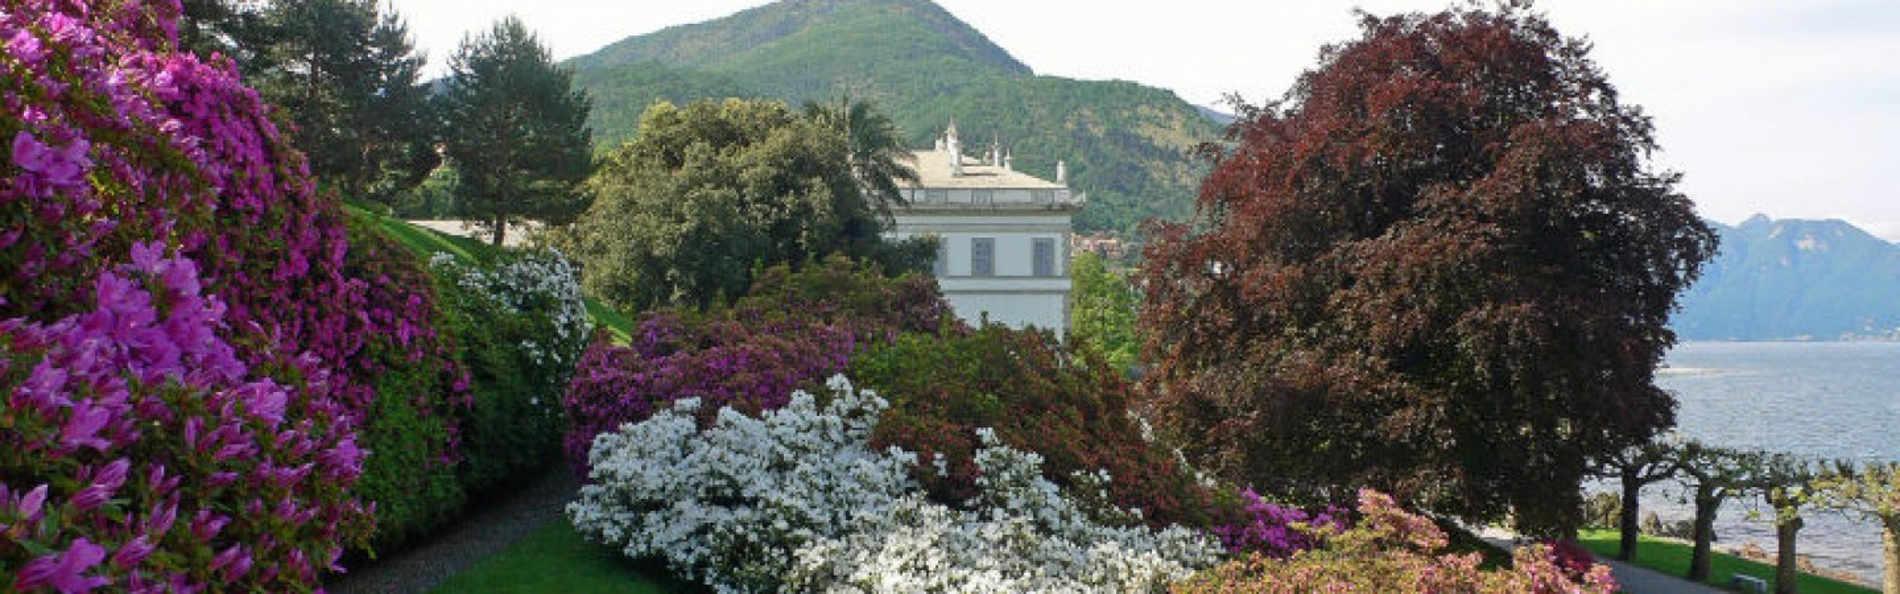 giro sul Lago di Como in battello da Como a Bellagio Villa Melzi d'Eril